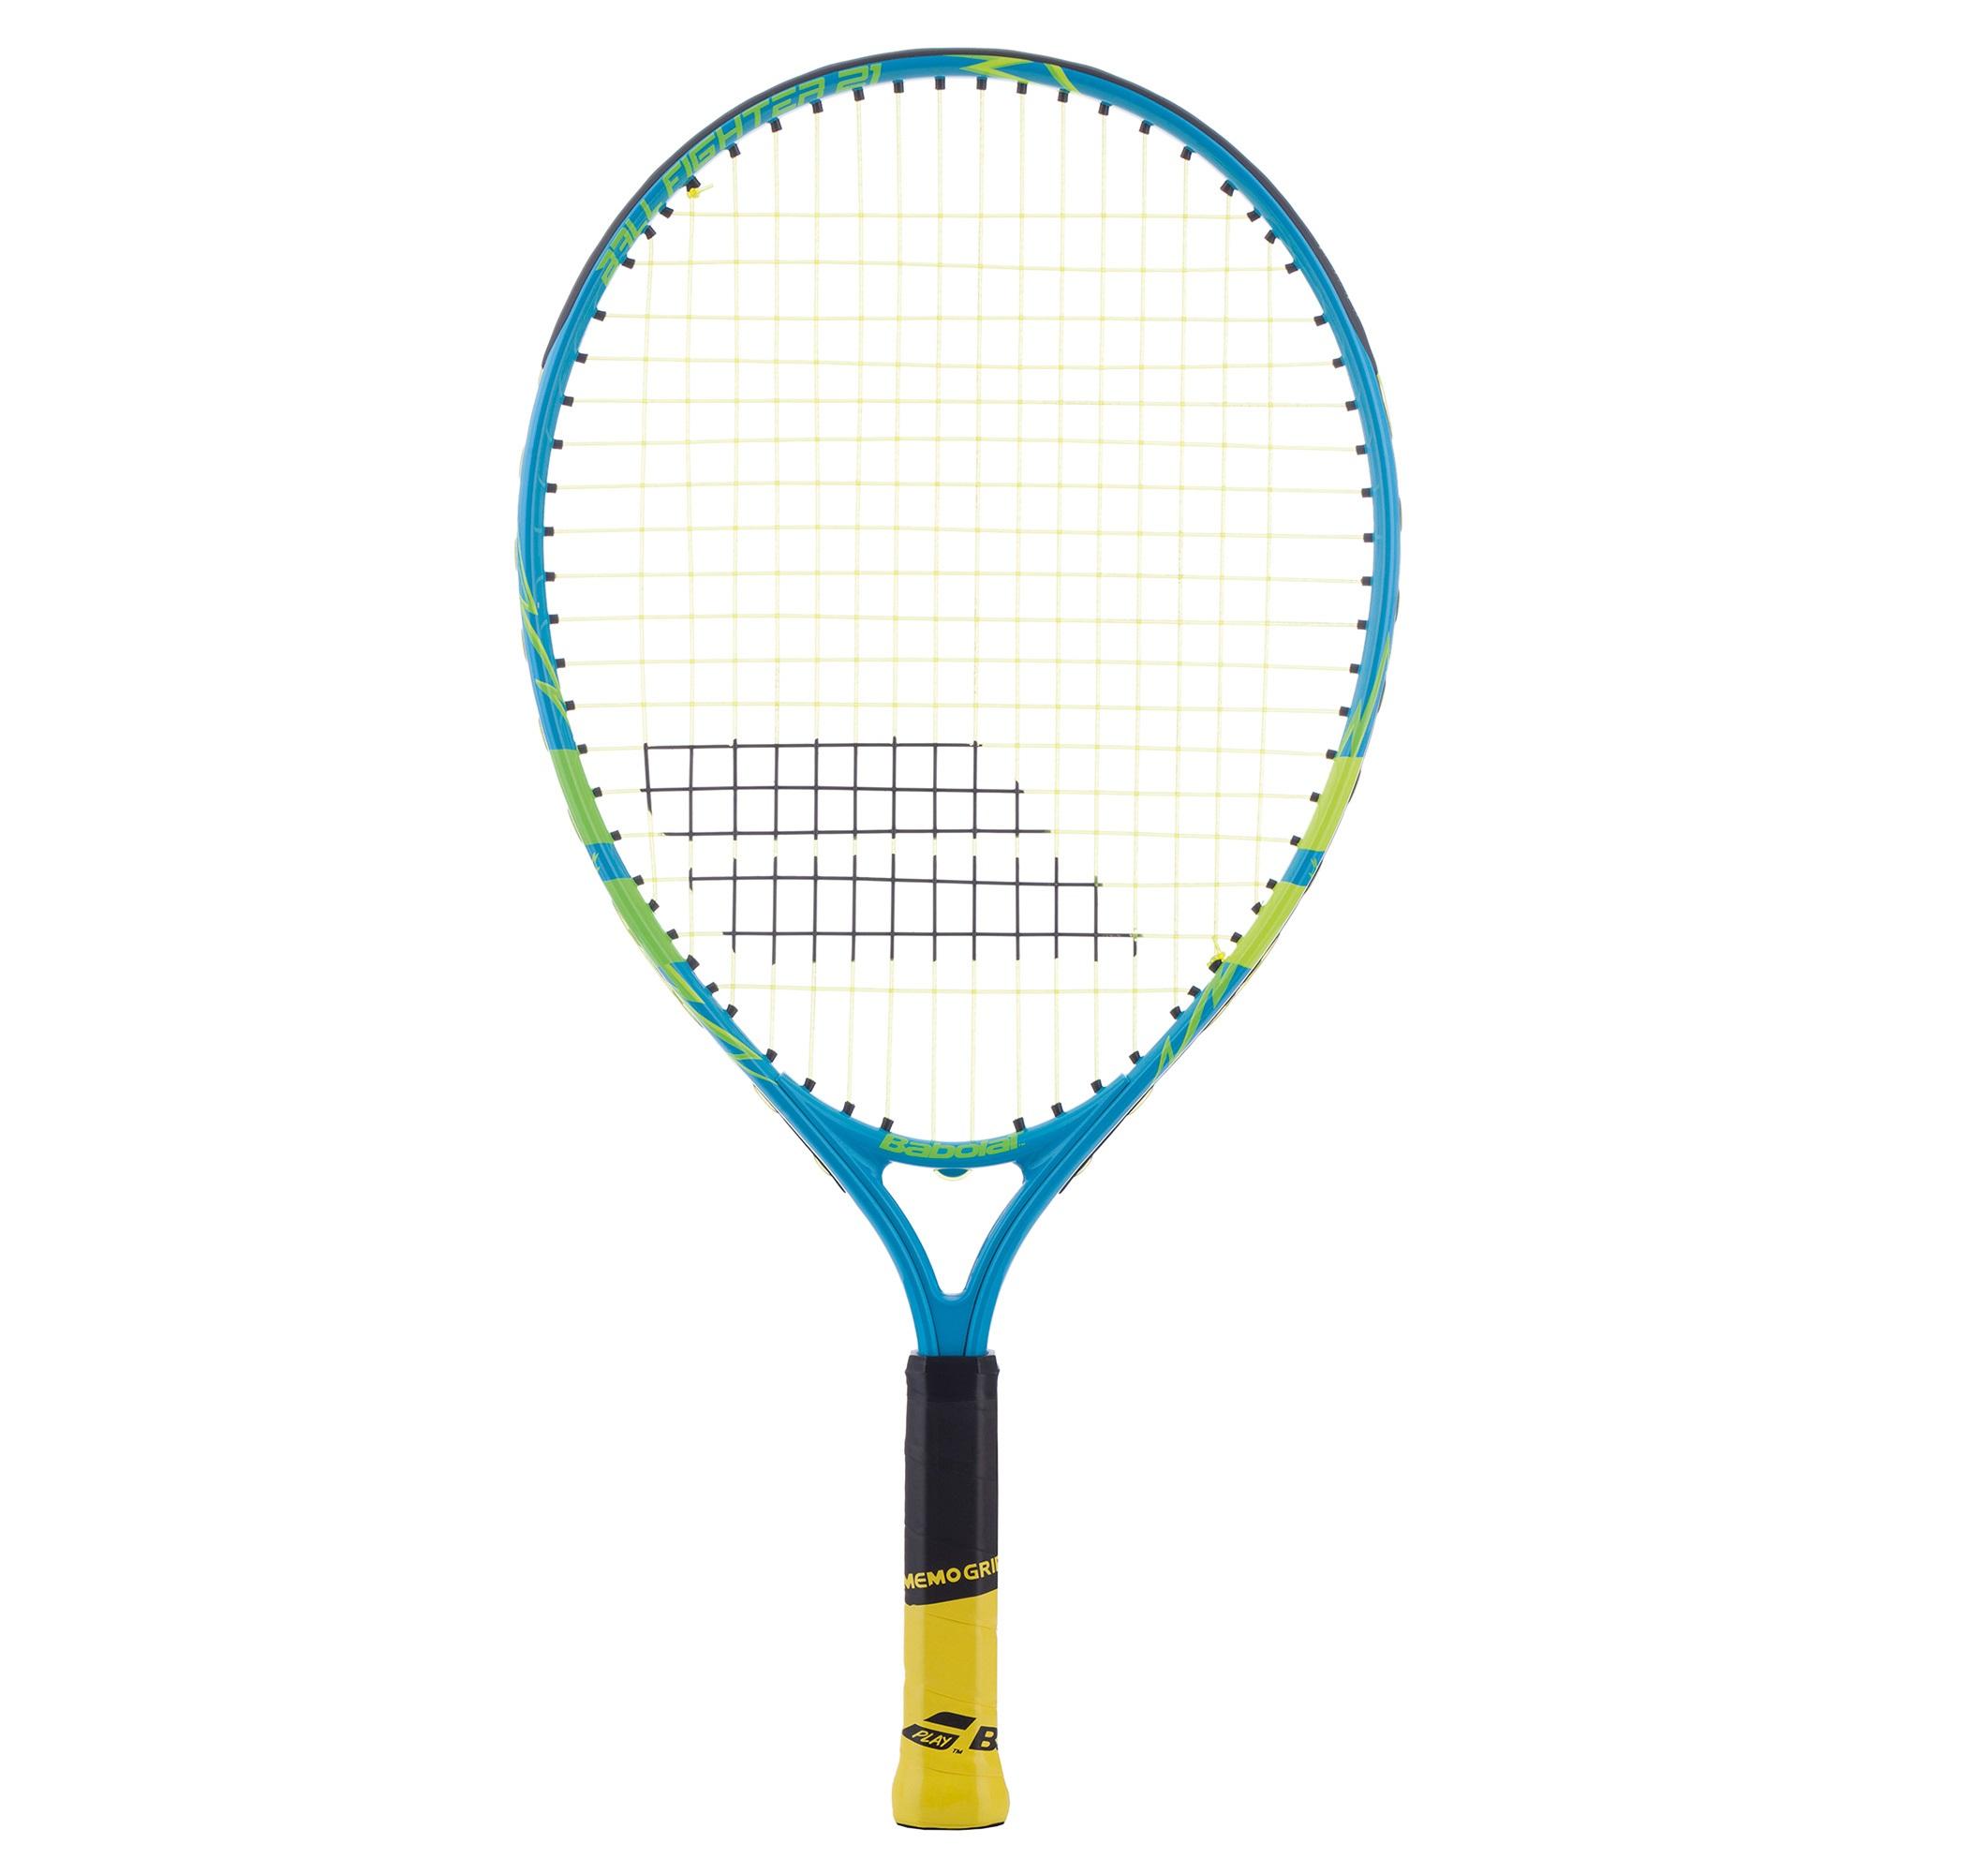 Babolat Ракетка для большого тенниса детская Babolat Ballfighter 21 babolat ракетка для большого тенниса детская babolat ballfighter 23